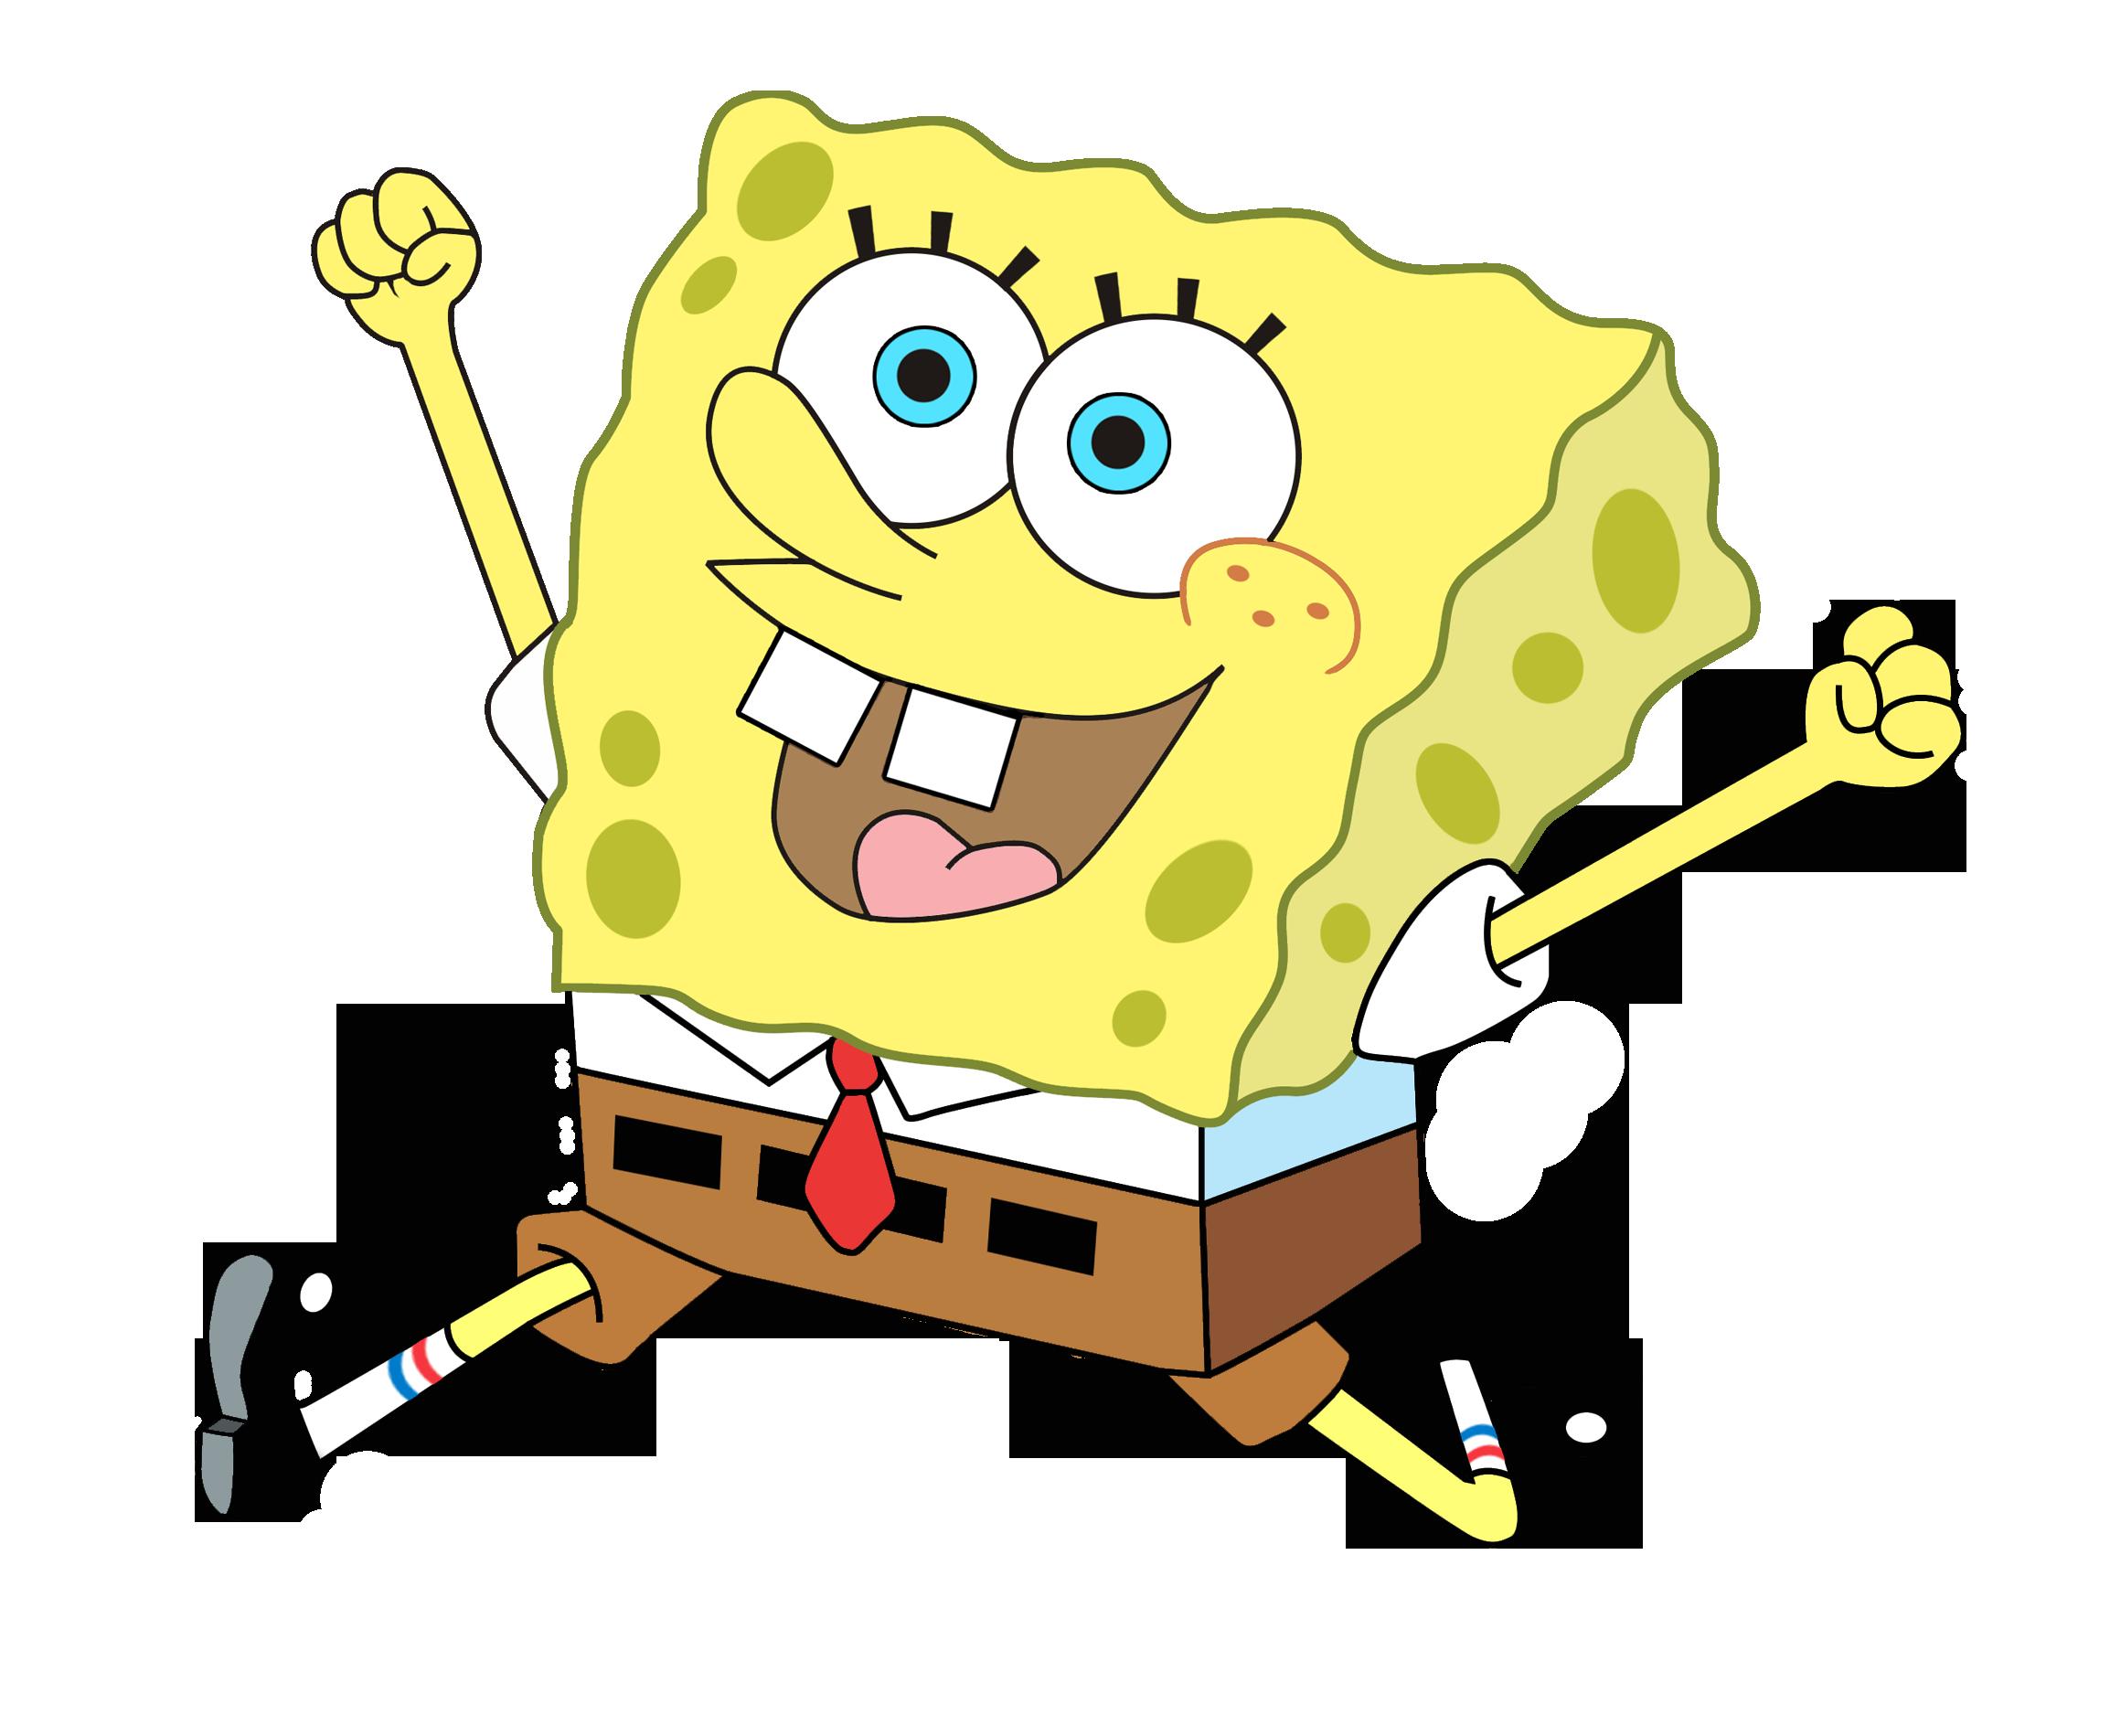 Download Spongebob Wallpaper 2308x1899 | Wallpoper #381671